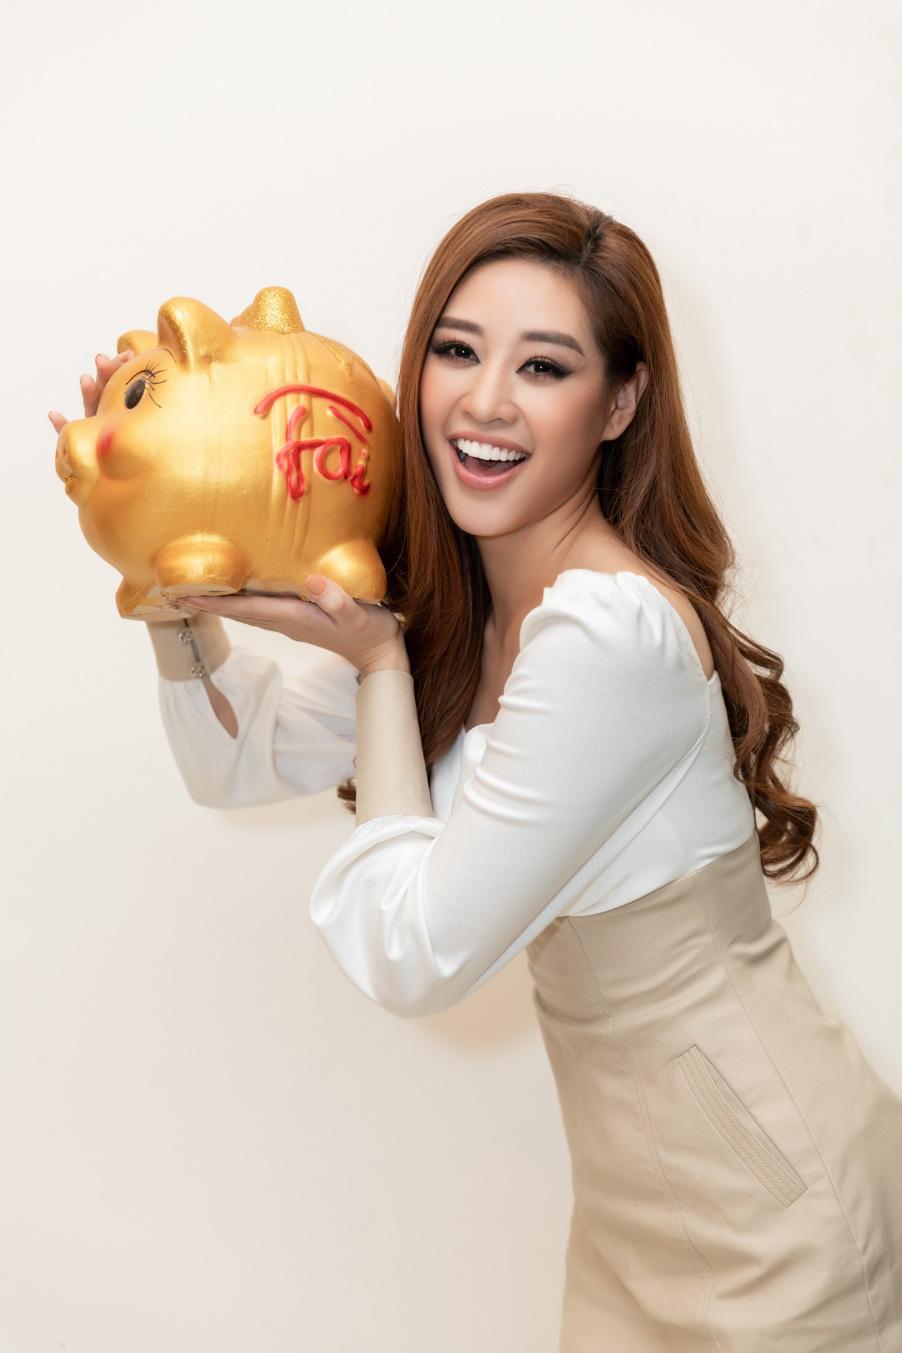 """Hoa hậu Khánh Vân sau 1 năm đăng quang: Nhan sắc thăng hạng, sẵn sàng để """"chinh chiến"""" Miss Universe 2020 - Ảnh 3."""